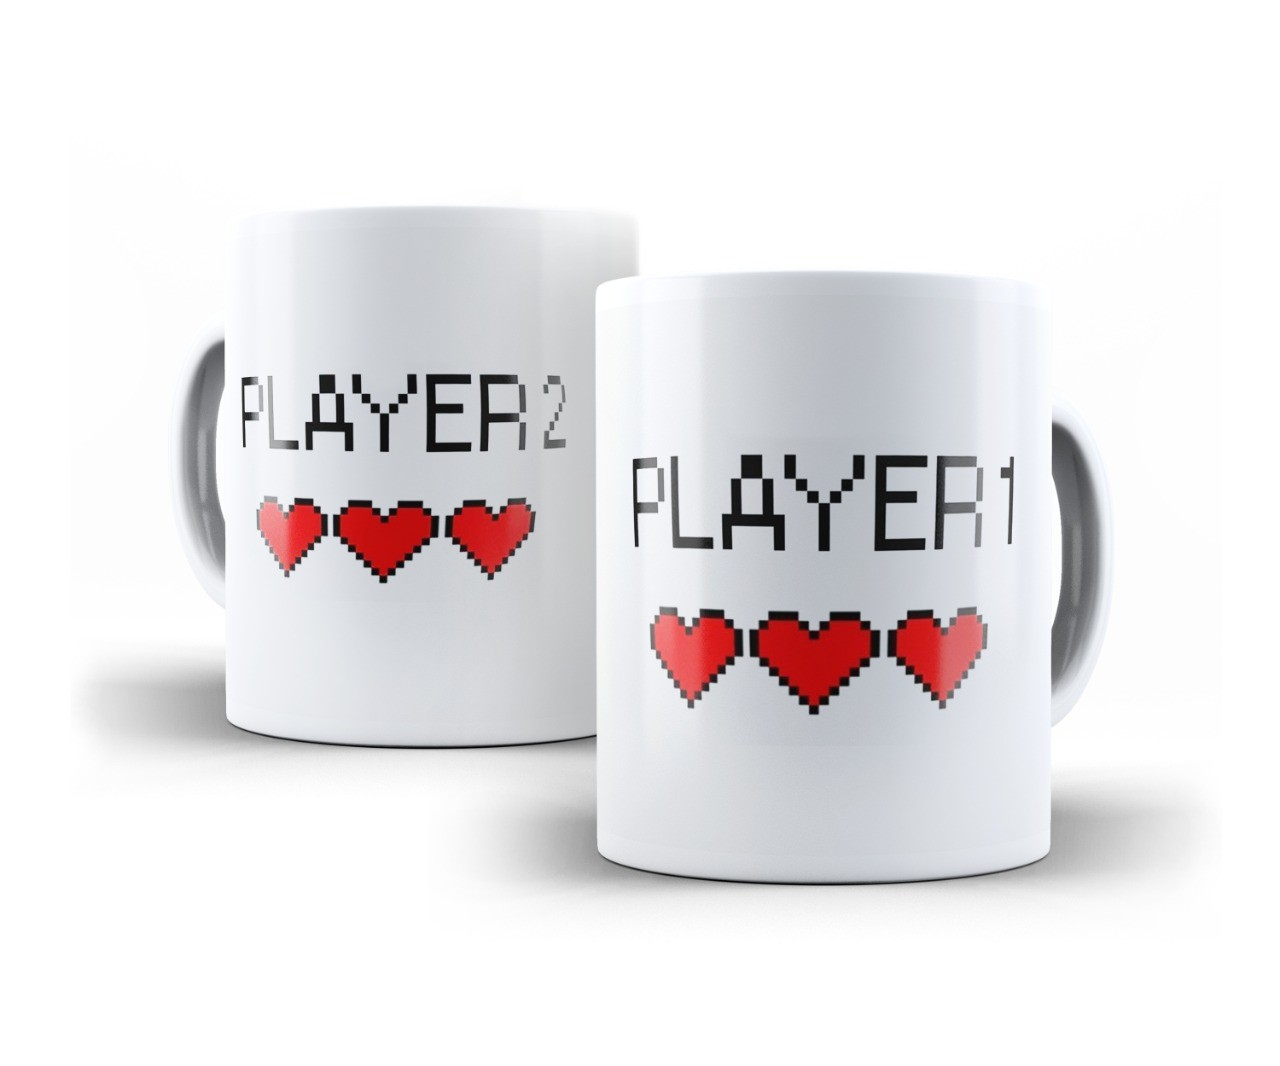 Canecas Casal Porcelana Player 1 e Player 2